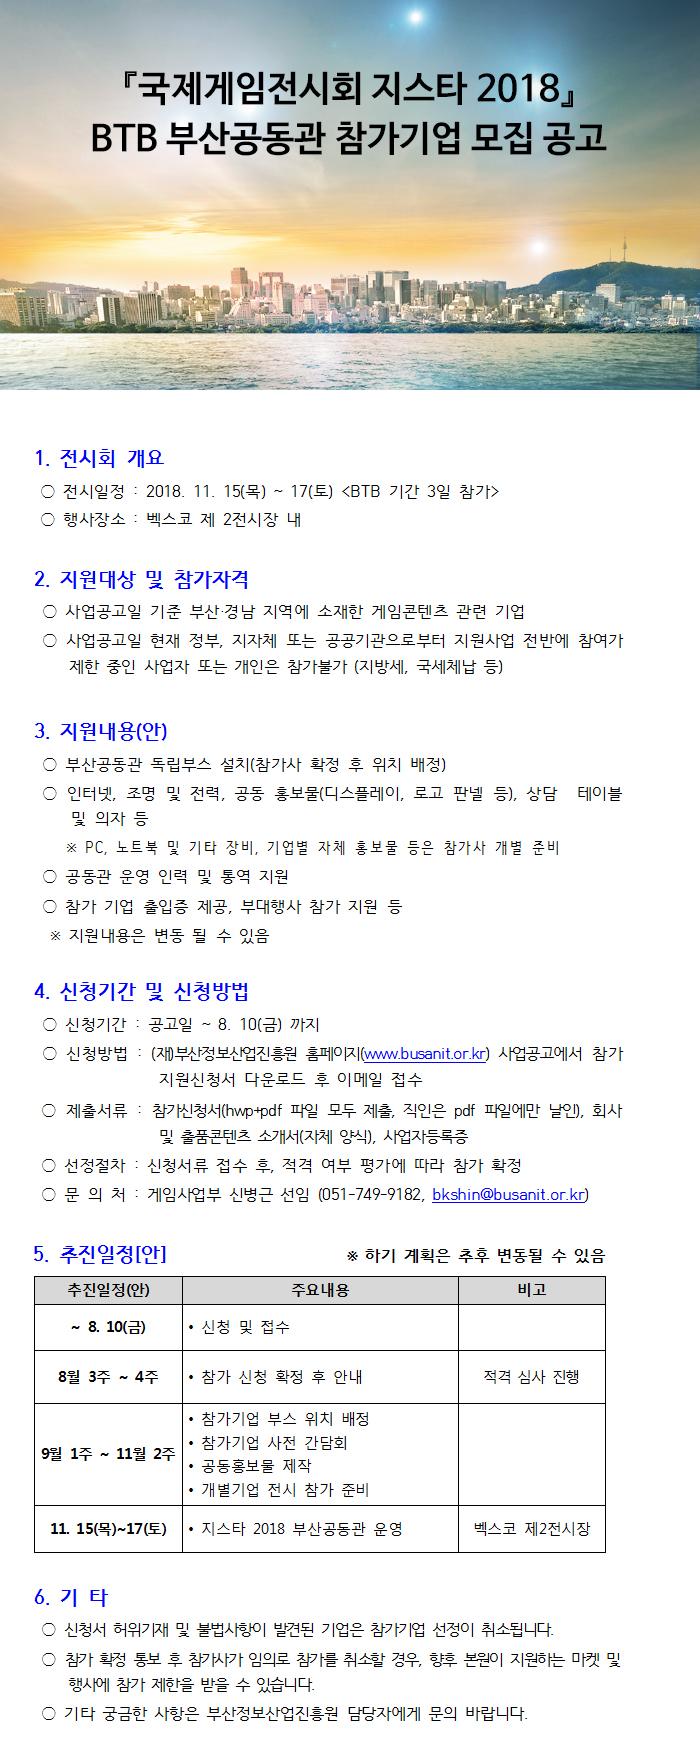 『국제게임전시회 지스타 2018』BTB 부산공동관 참가기업 모집 공고